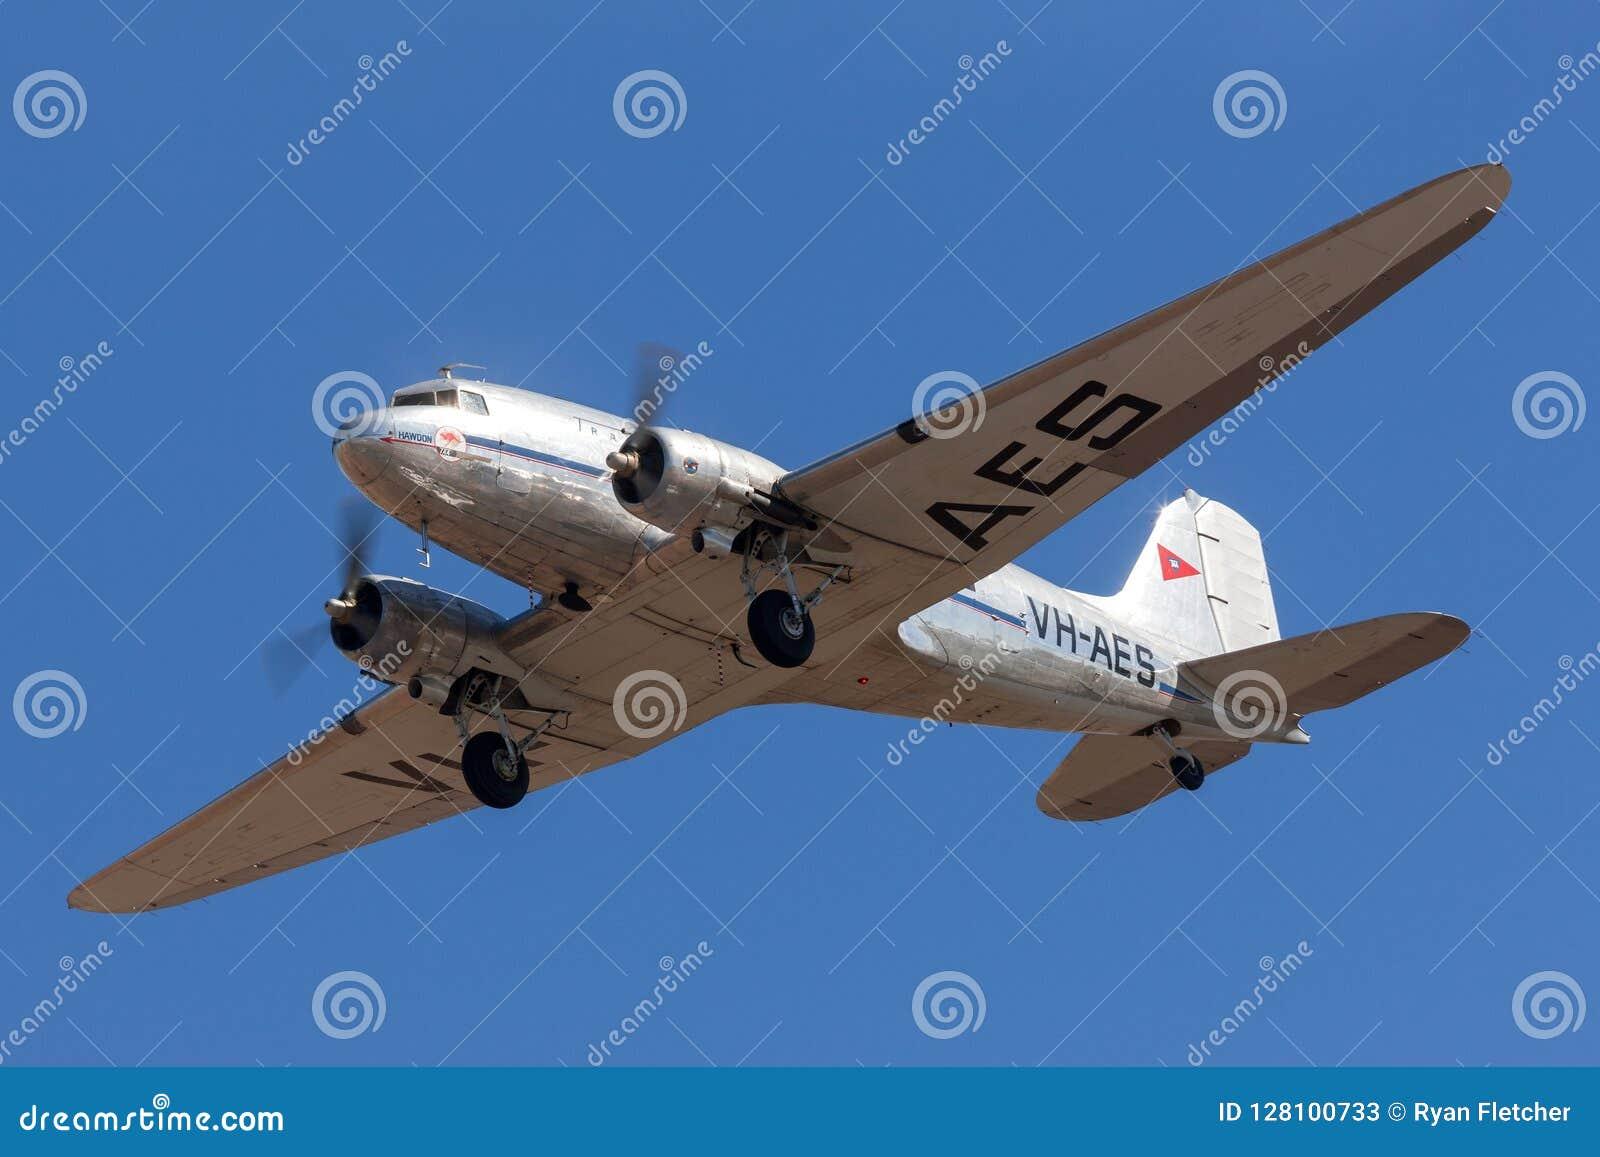 TappningDouglas DC-3C trafikflygplan VH-AES i livré för trans. Australian Airlines